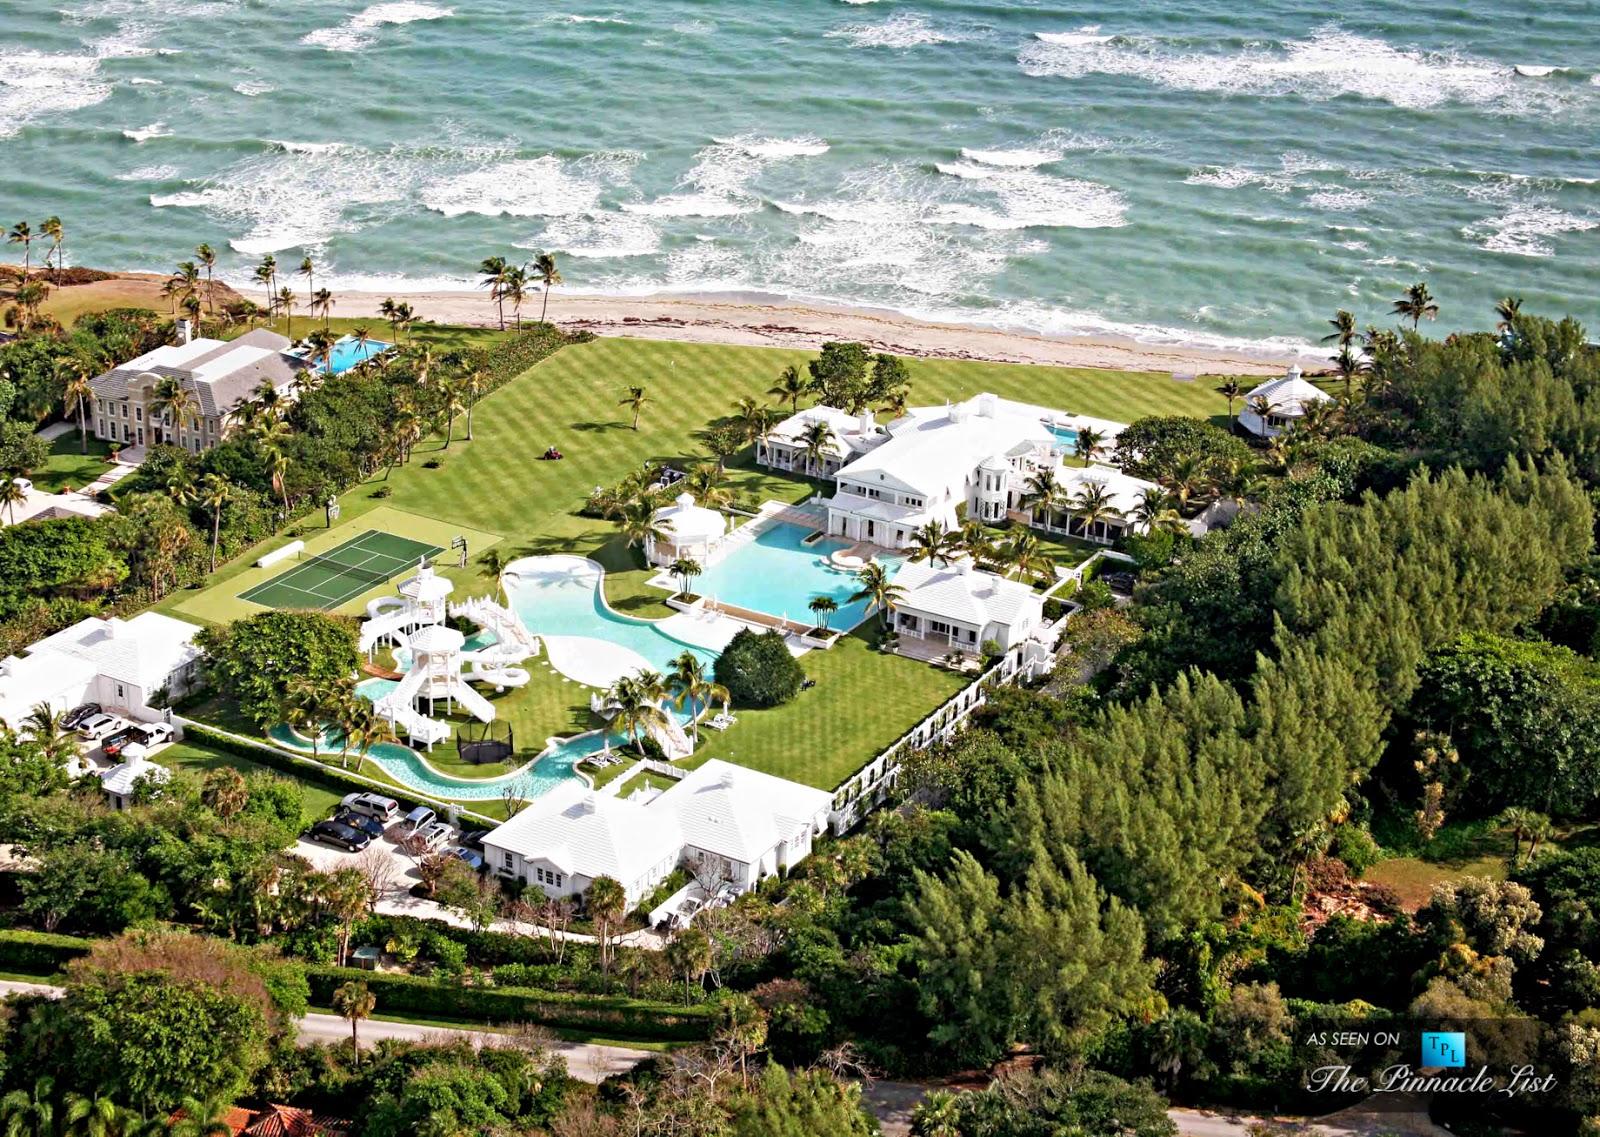 Jupiter Island Celine Dion House For Sale